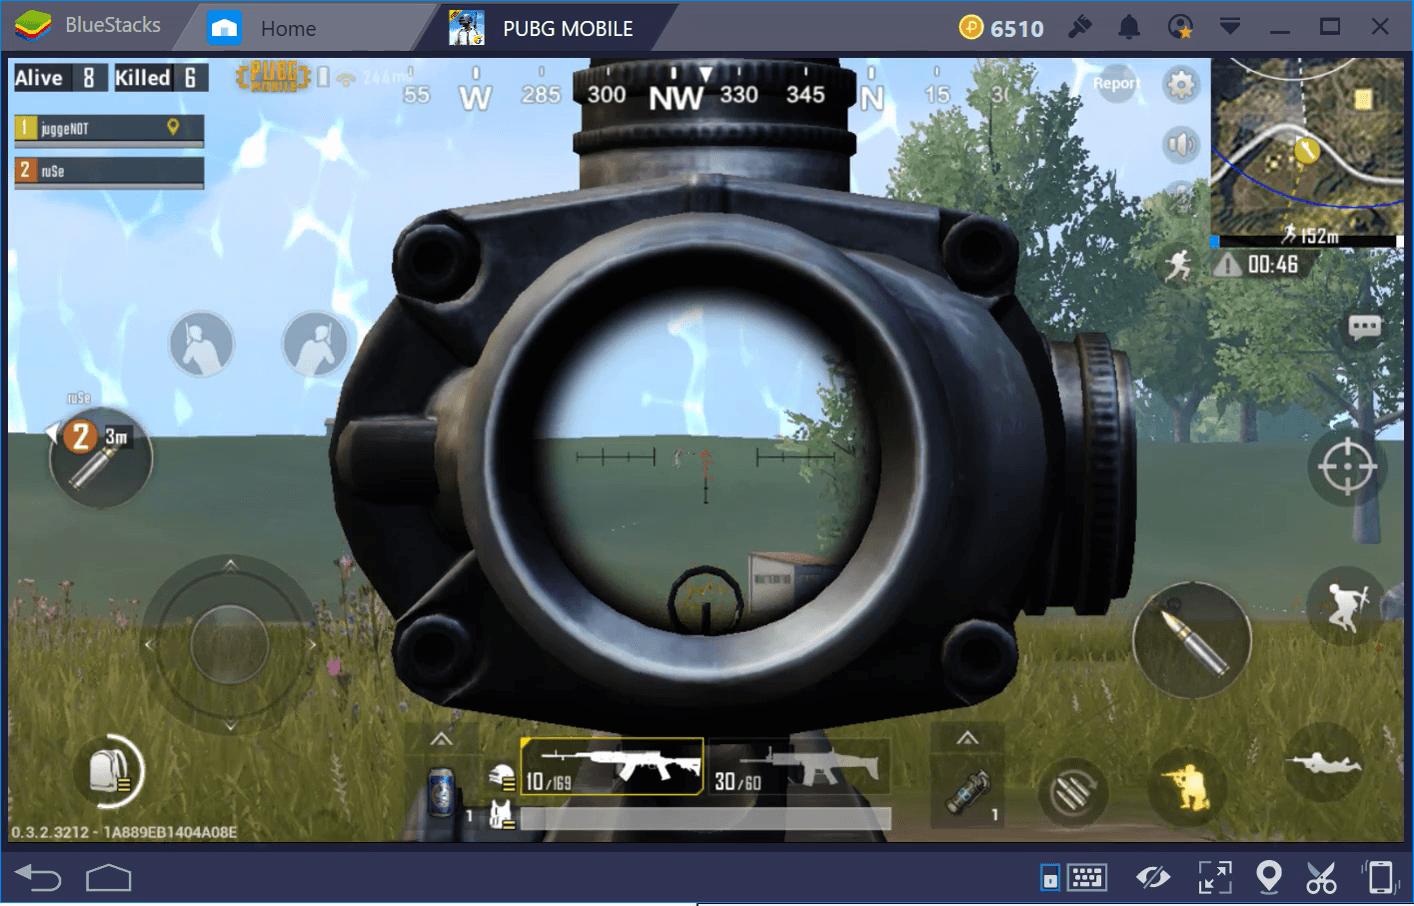 Pubg Wallpaper M24: PUBG Mobile Sniper Guide